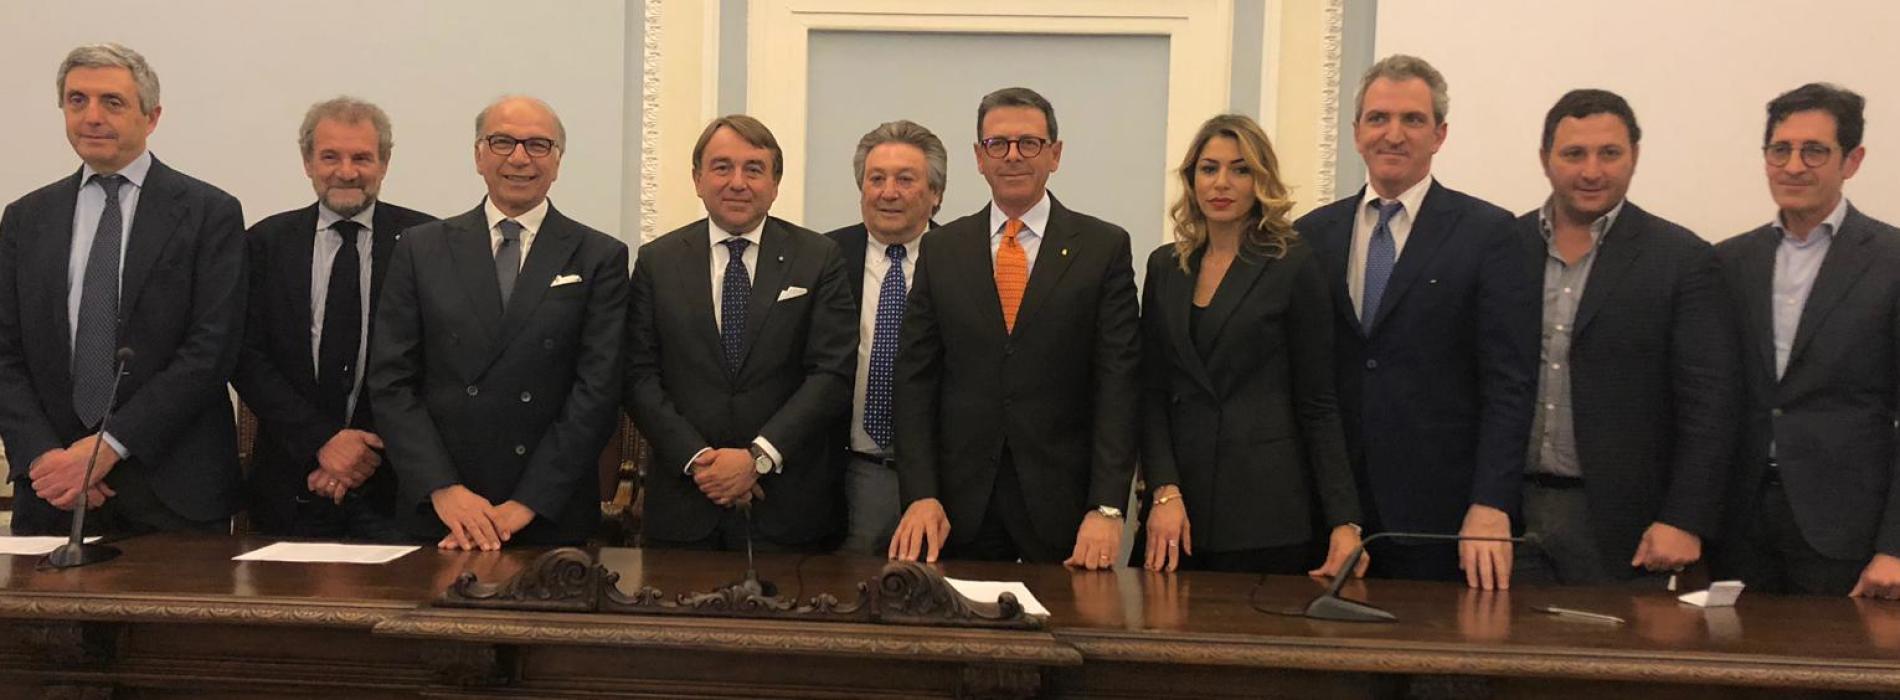 Camera di Commercio. Maurizio Pollini vicepresidente